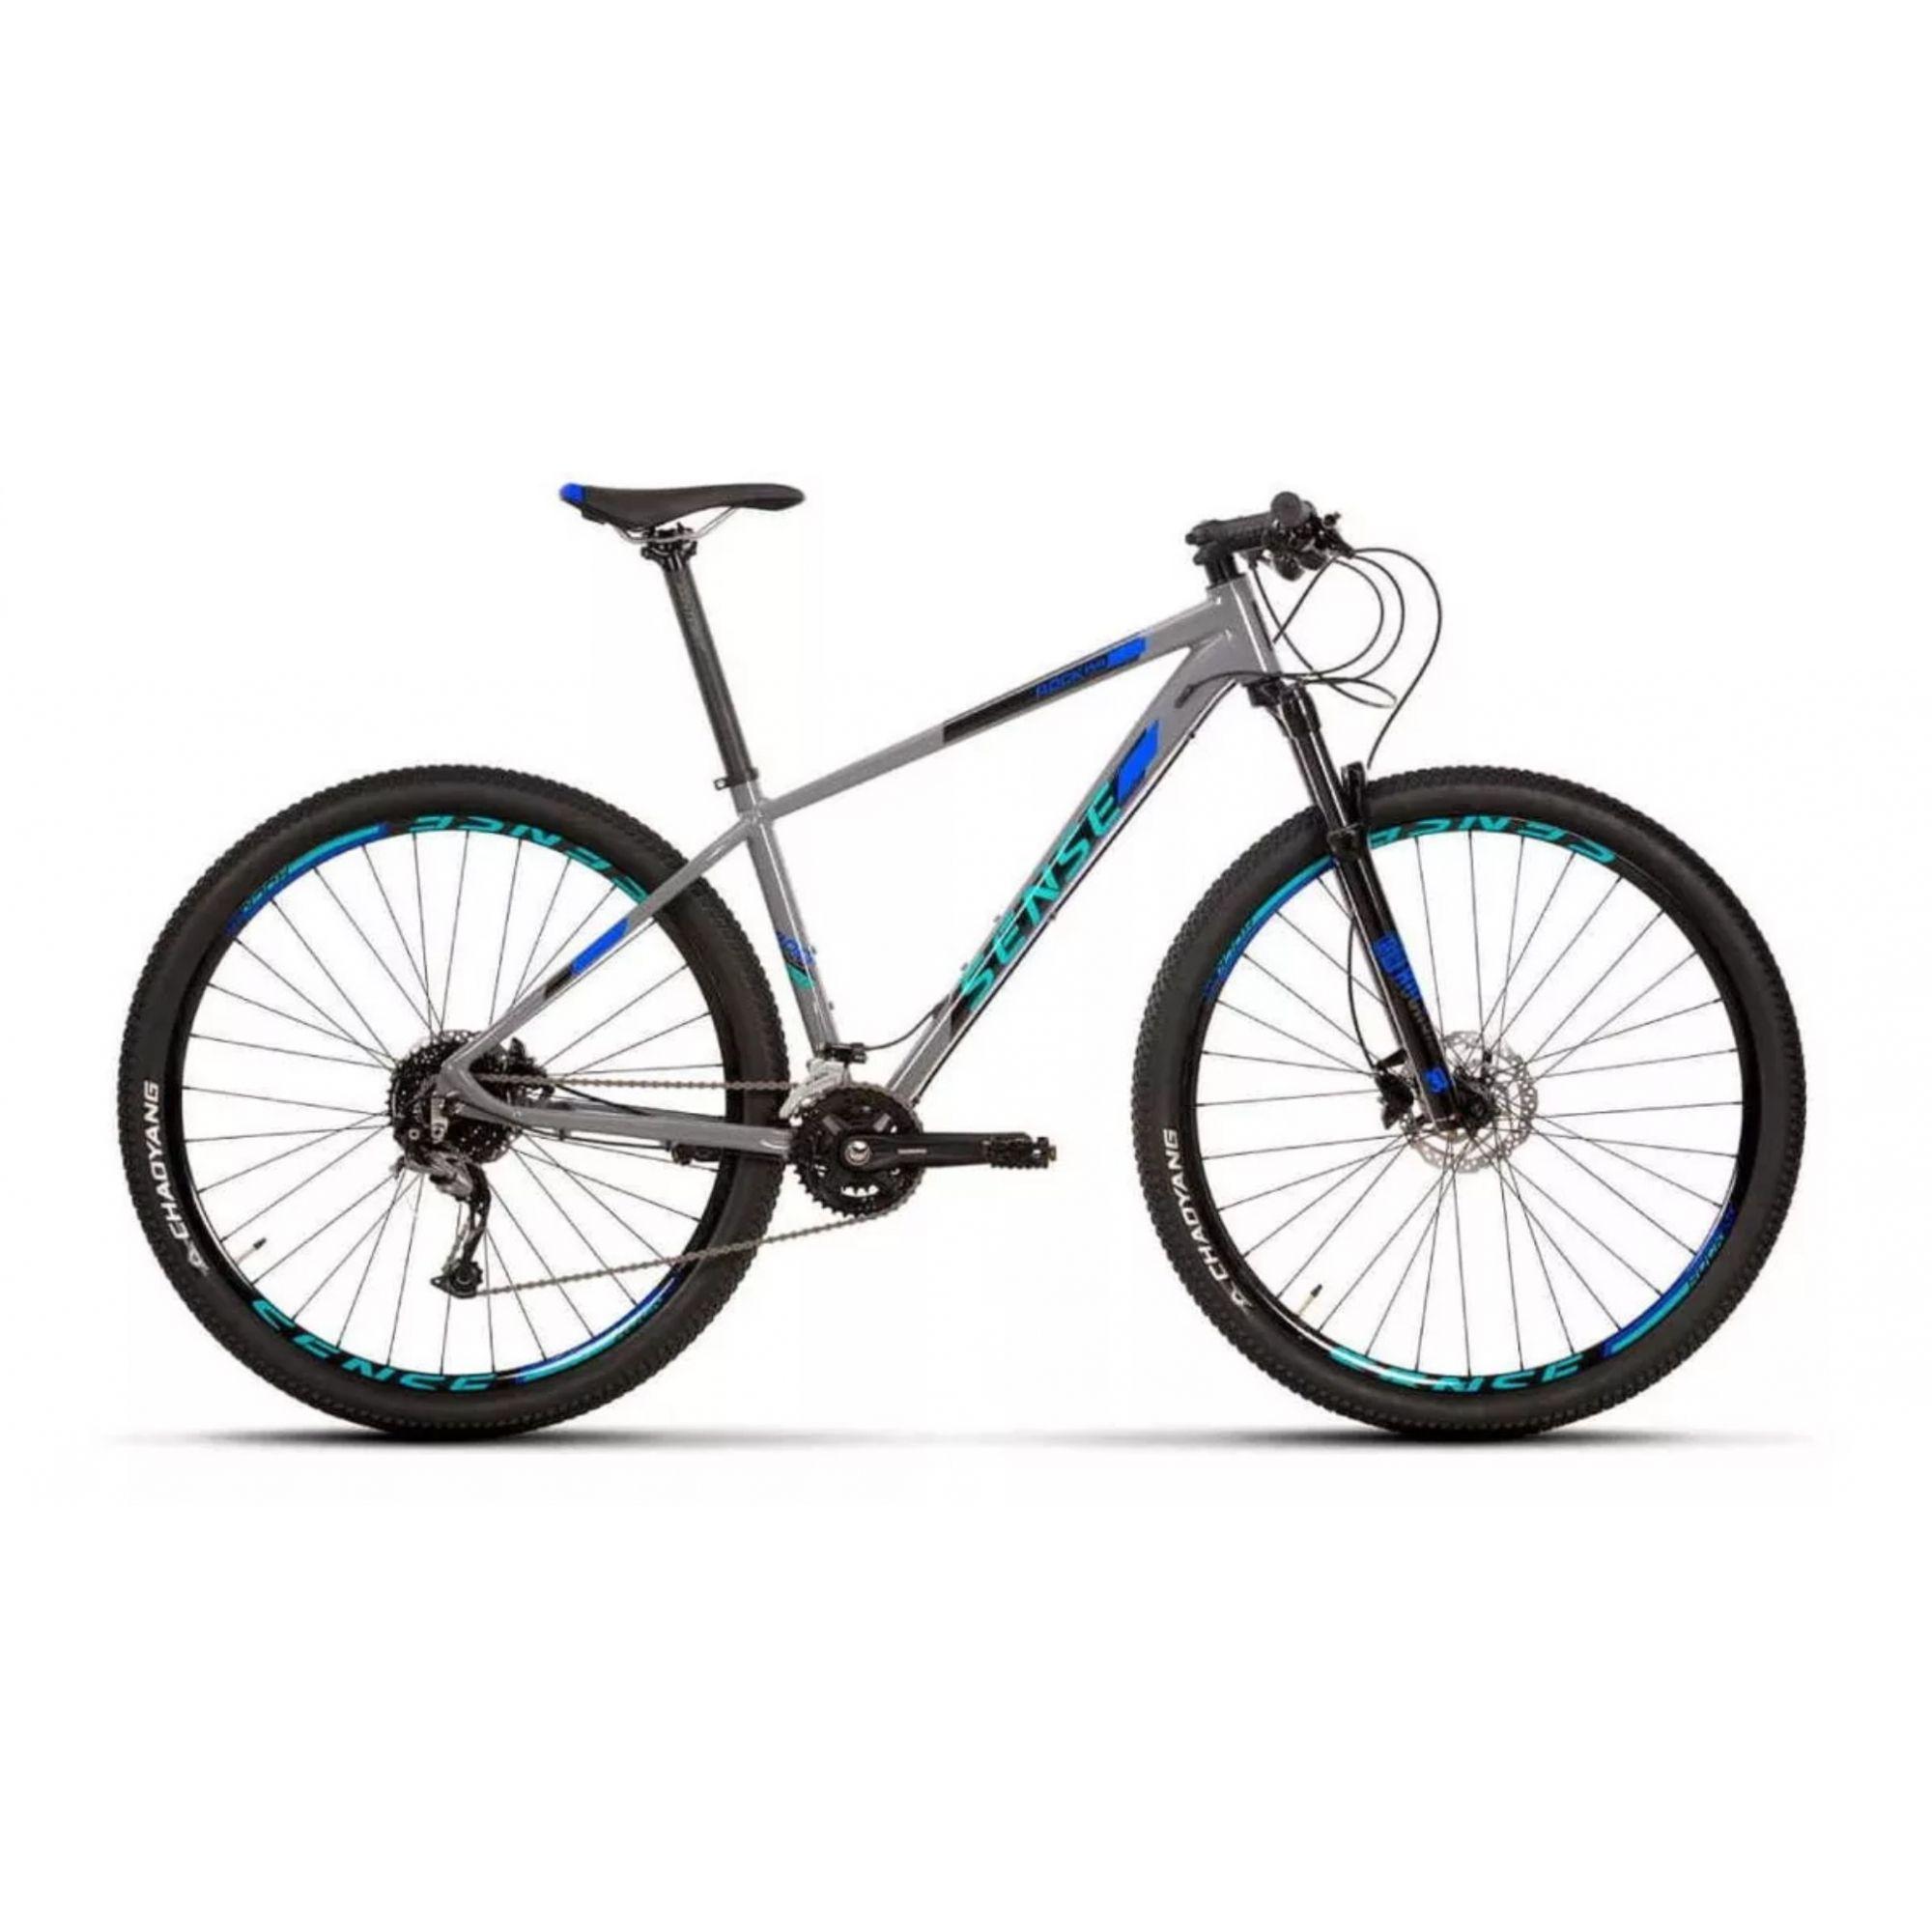 Bicicleta SENSE Rock Evo 2020 - 18v Shimano Alívio - Suspensão Rock Shox - Azul Acqua